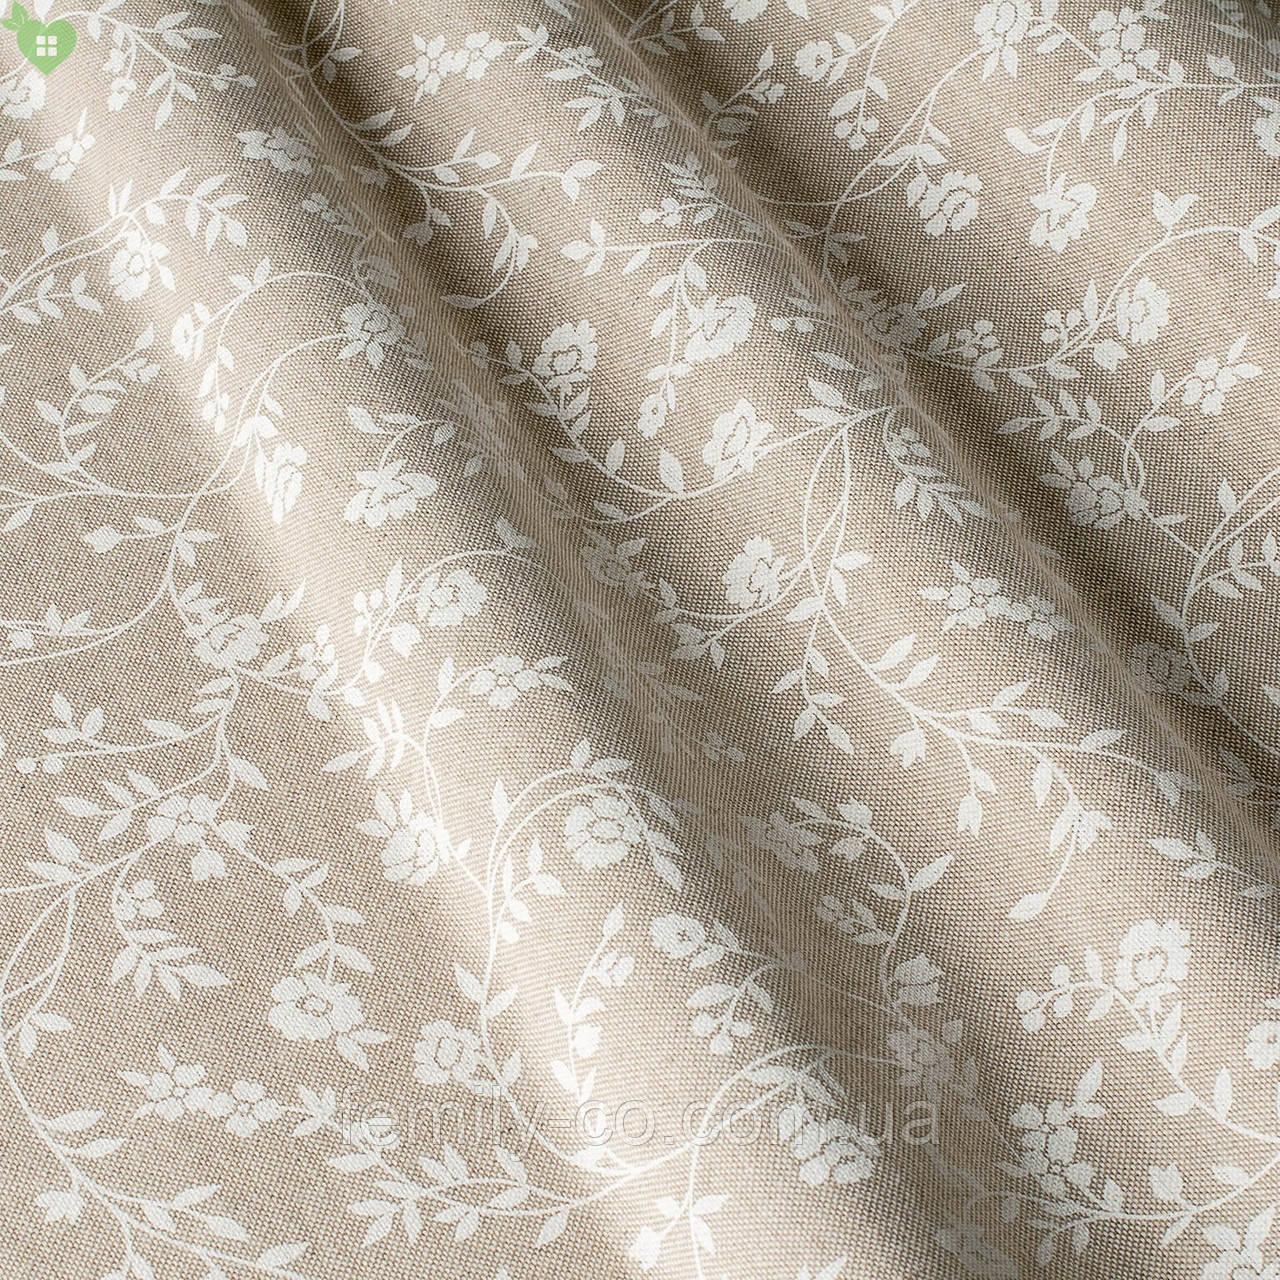 Декоративная ткань с мелкими белыми веточками на льняном фоне Испания 82570v1